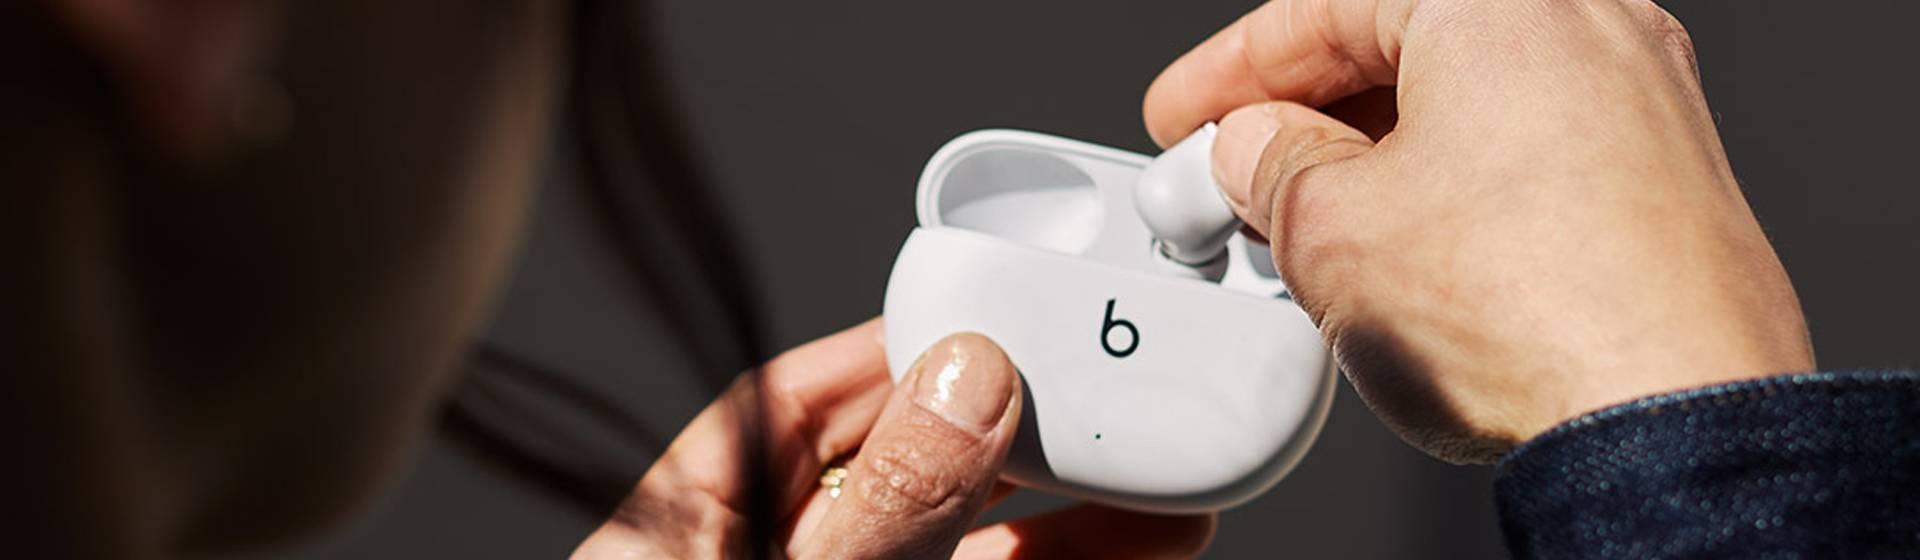 Beats Studio Buds vale a pena? Tudo sobre o fone sem fio